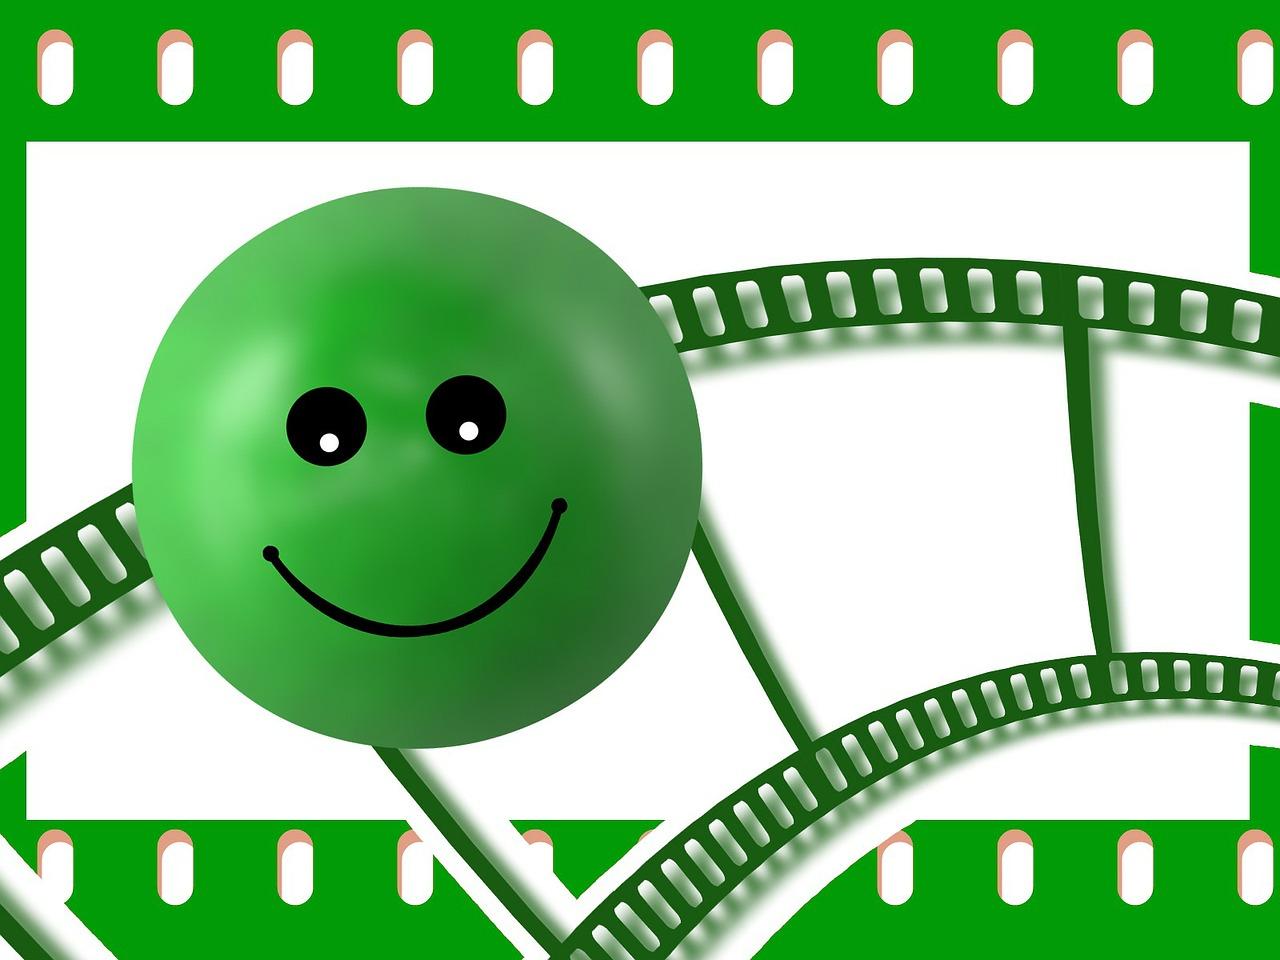 подарки смайлик картинки кино созданный интерьер